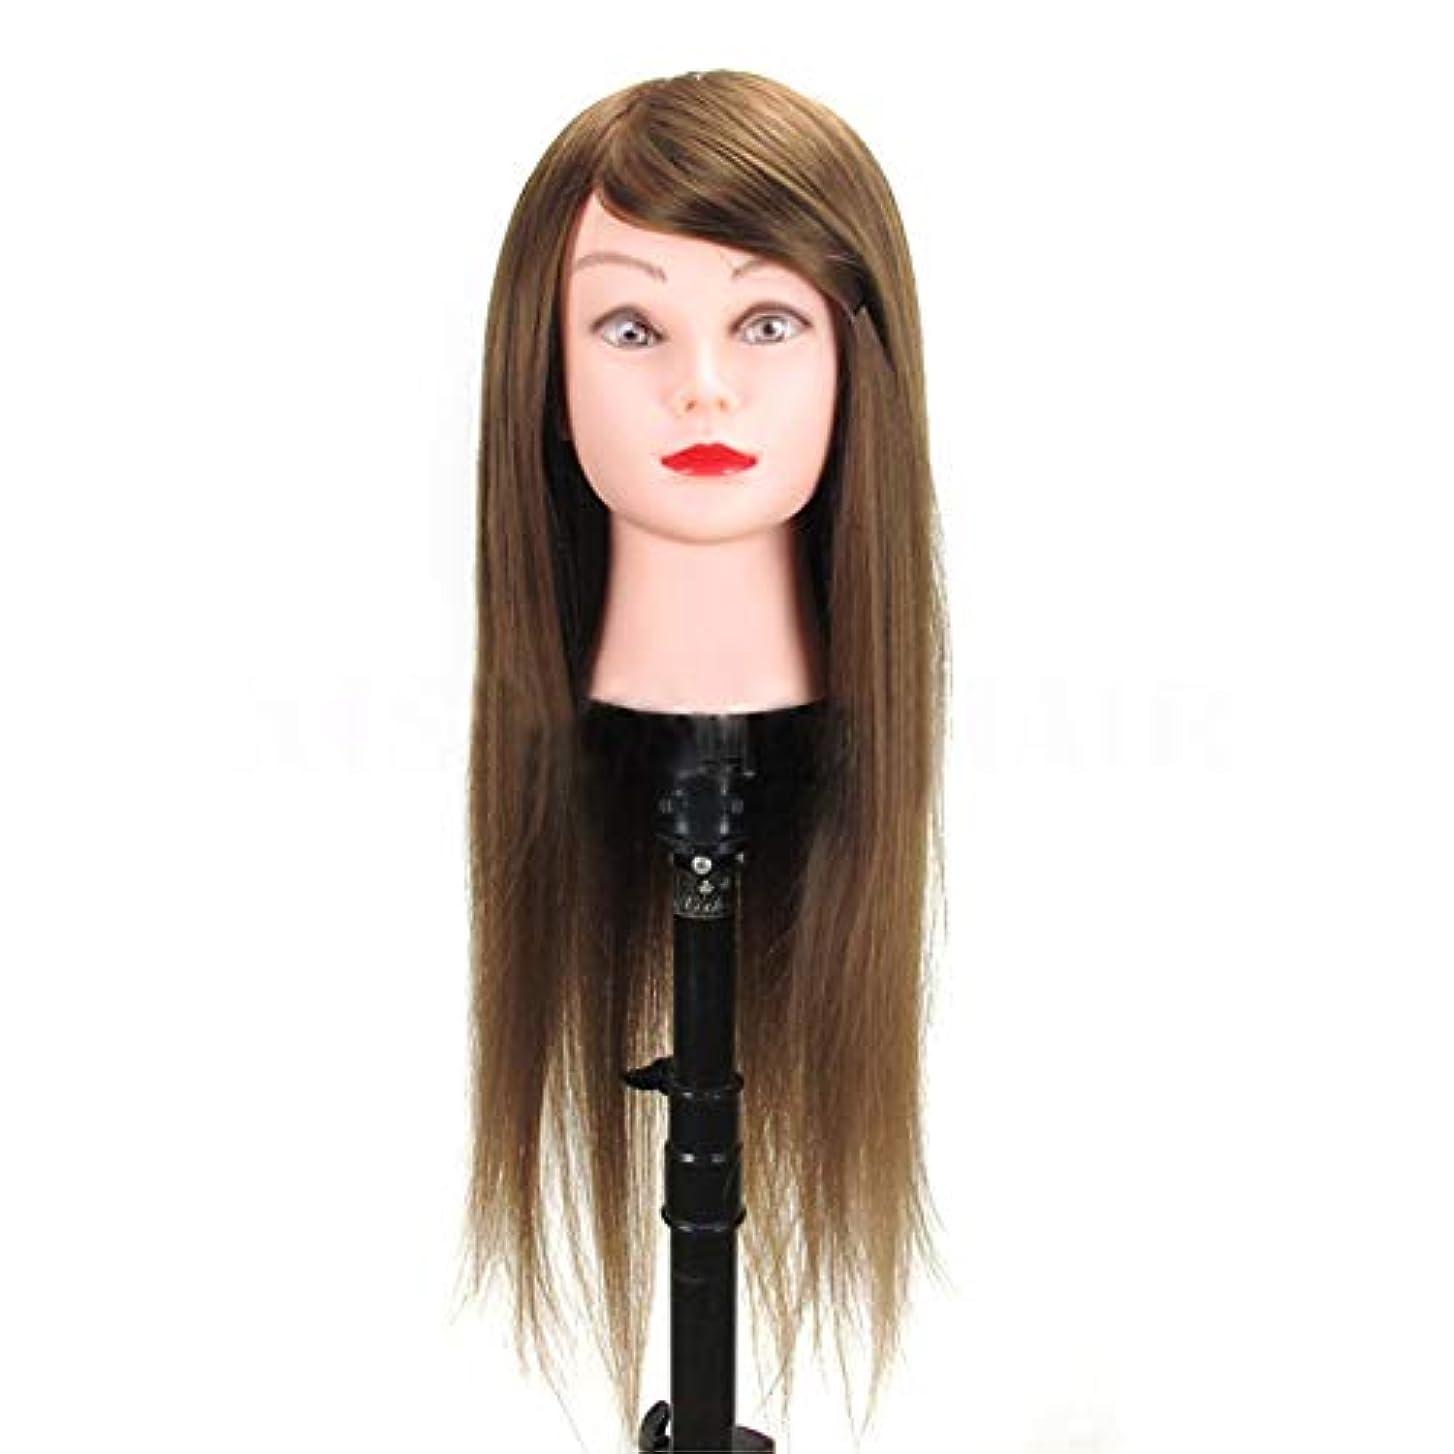 混乱落とし穴ソーダ水高温シルク編組ヘアスタイリングヘッドモデル理髪店理髪ダミーヘッド化粧練習マネキンヘッド